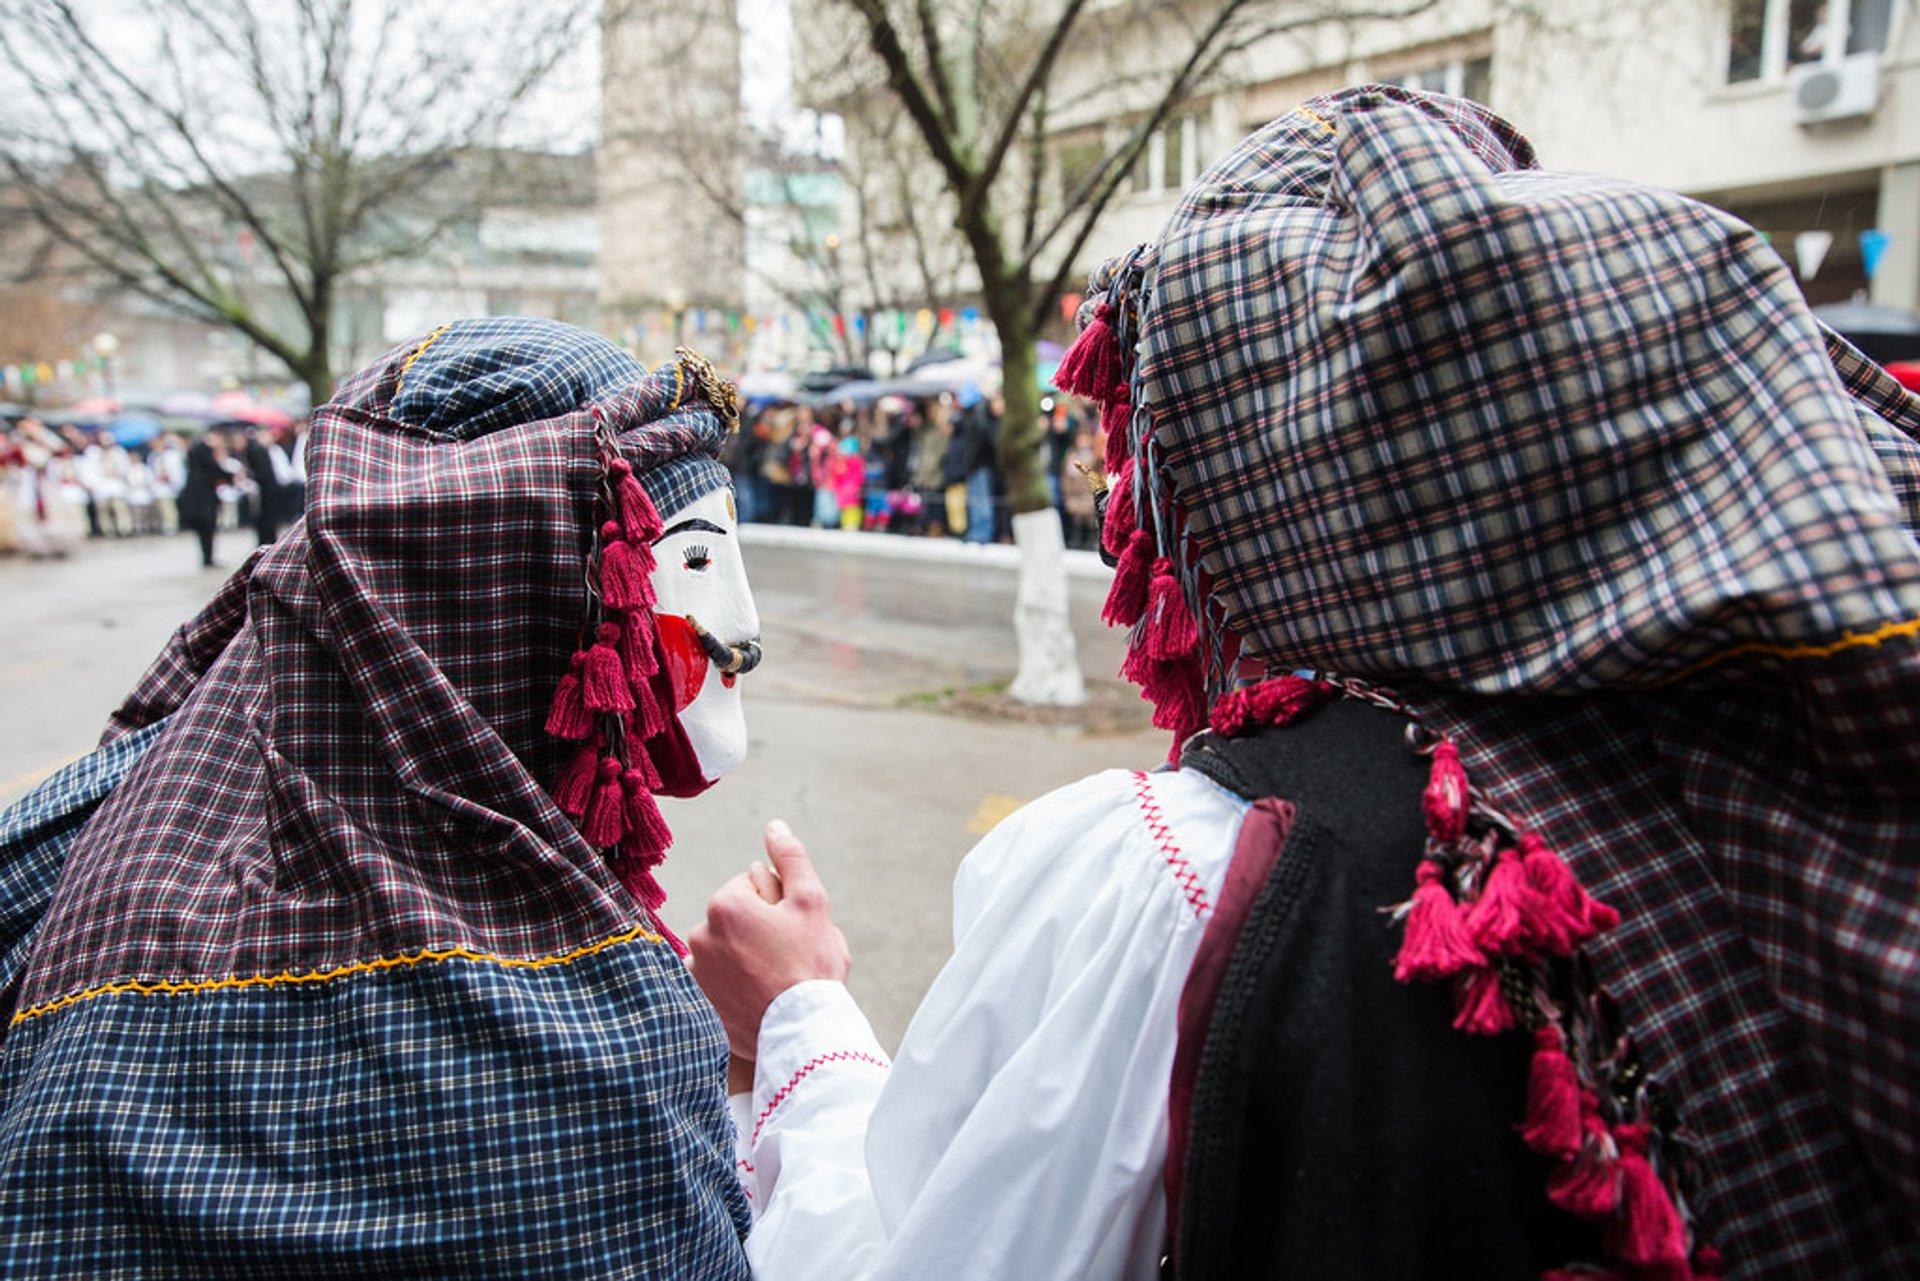 Naoussa Carnival in Greece - Best Season 2020